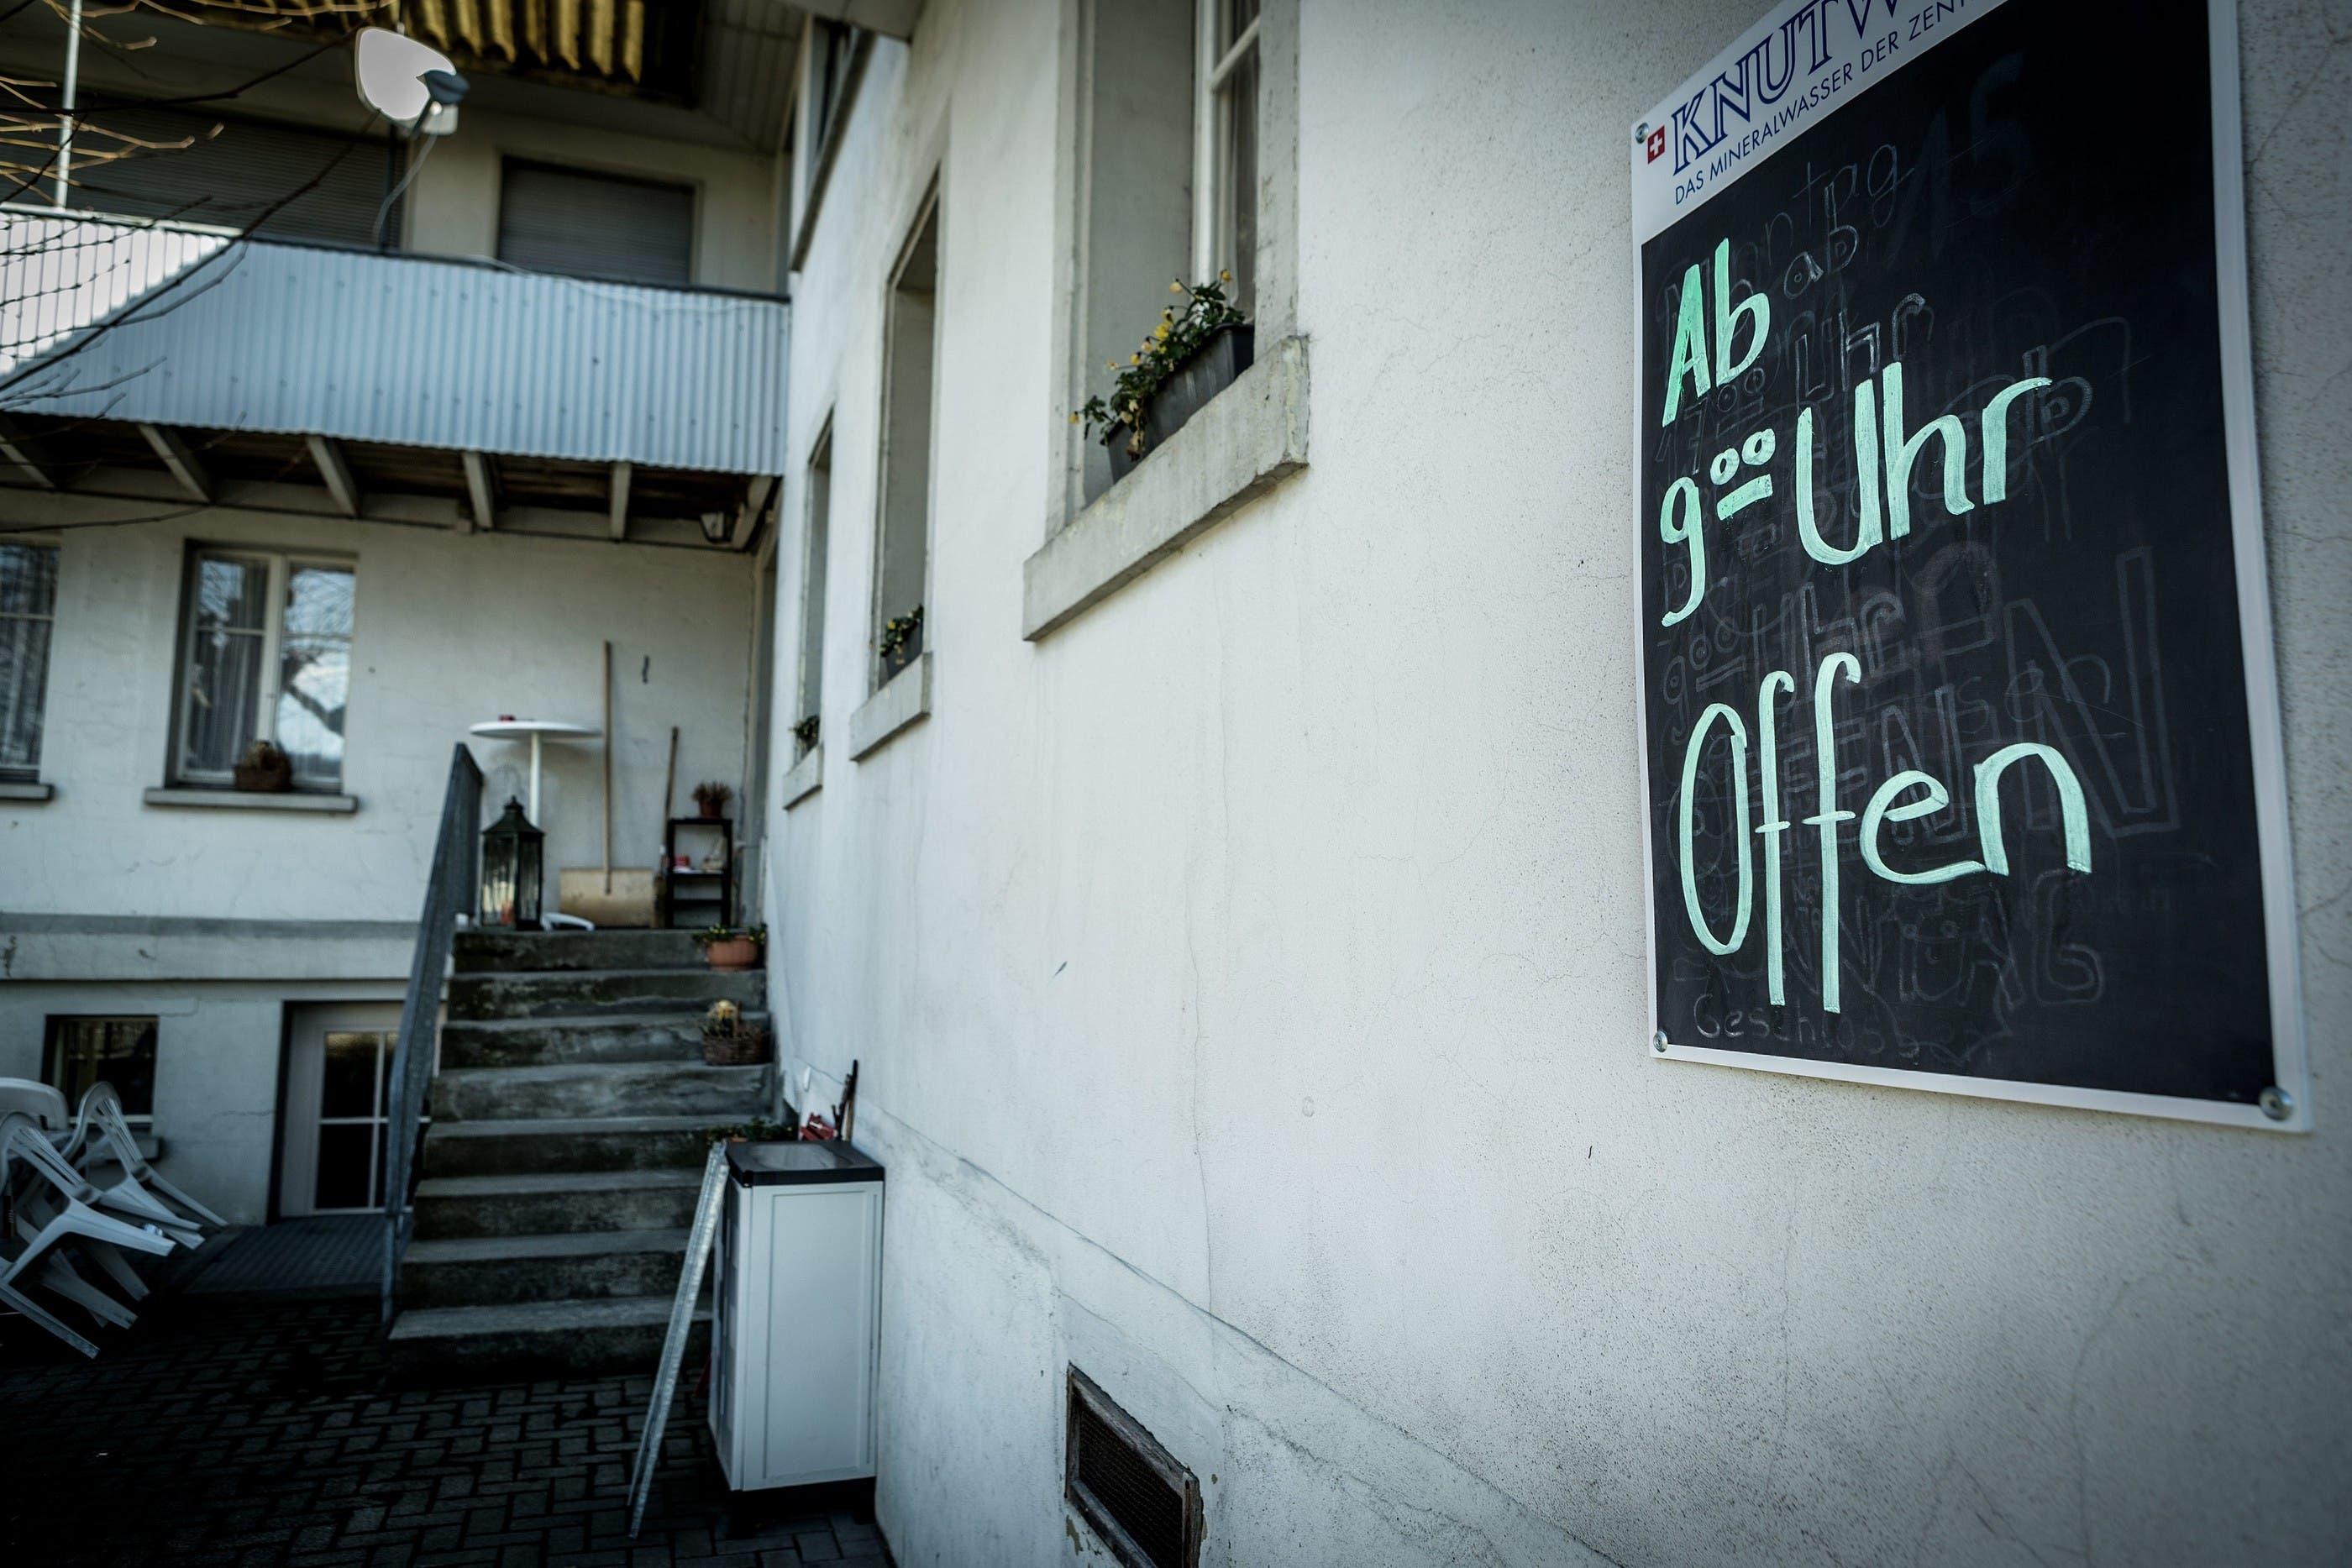 Das Restaurant bleibt nun vorerst geschlossen, sagt Besitzerin Martha Duss, die die «Eintracht» 40 Jahre lang geführt hat.